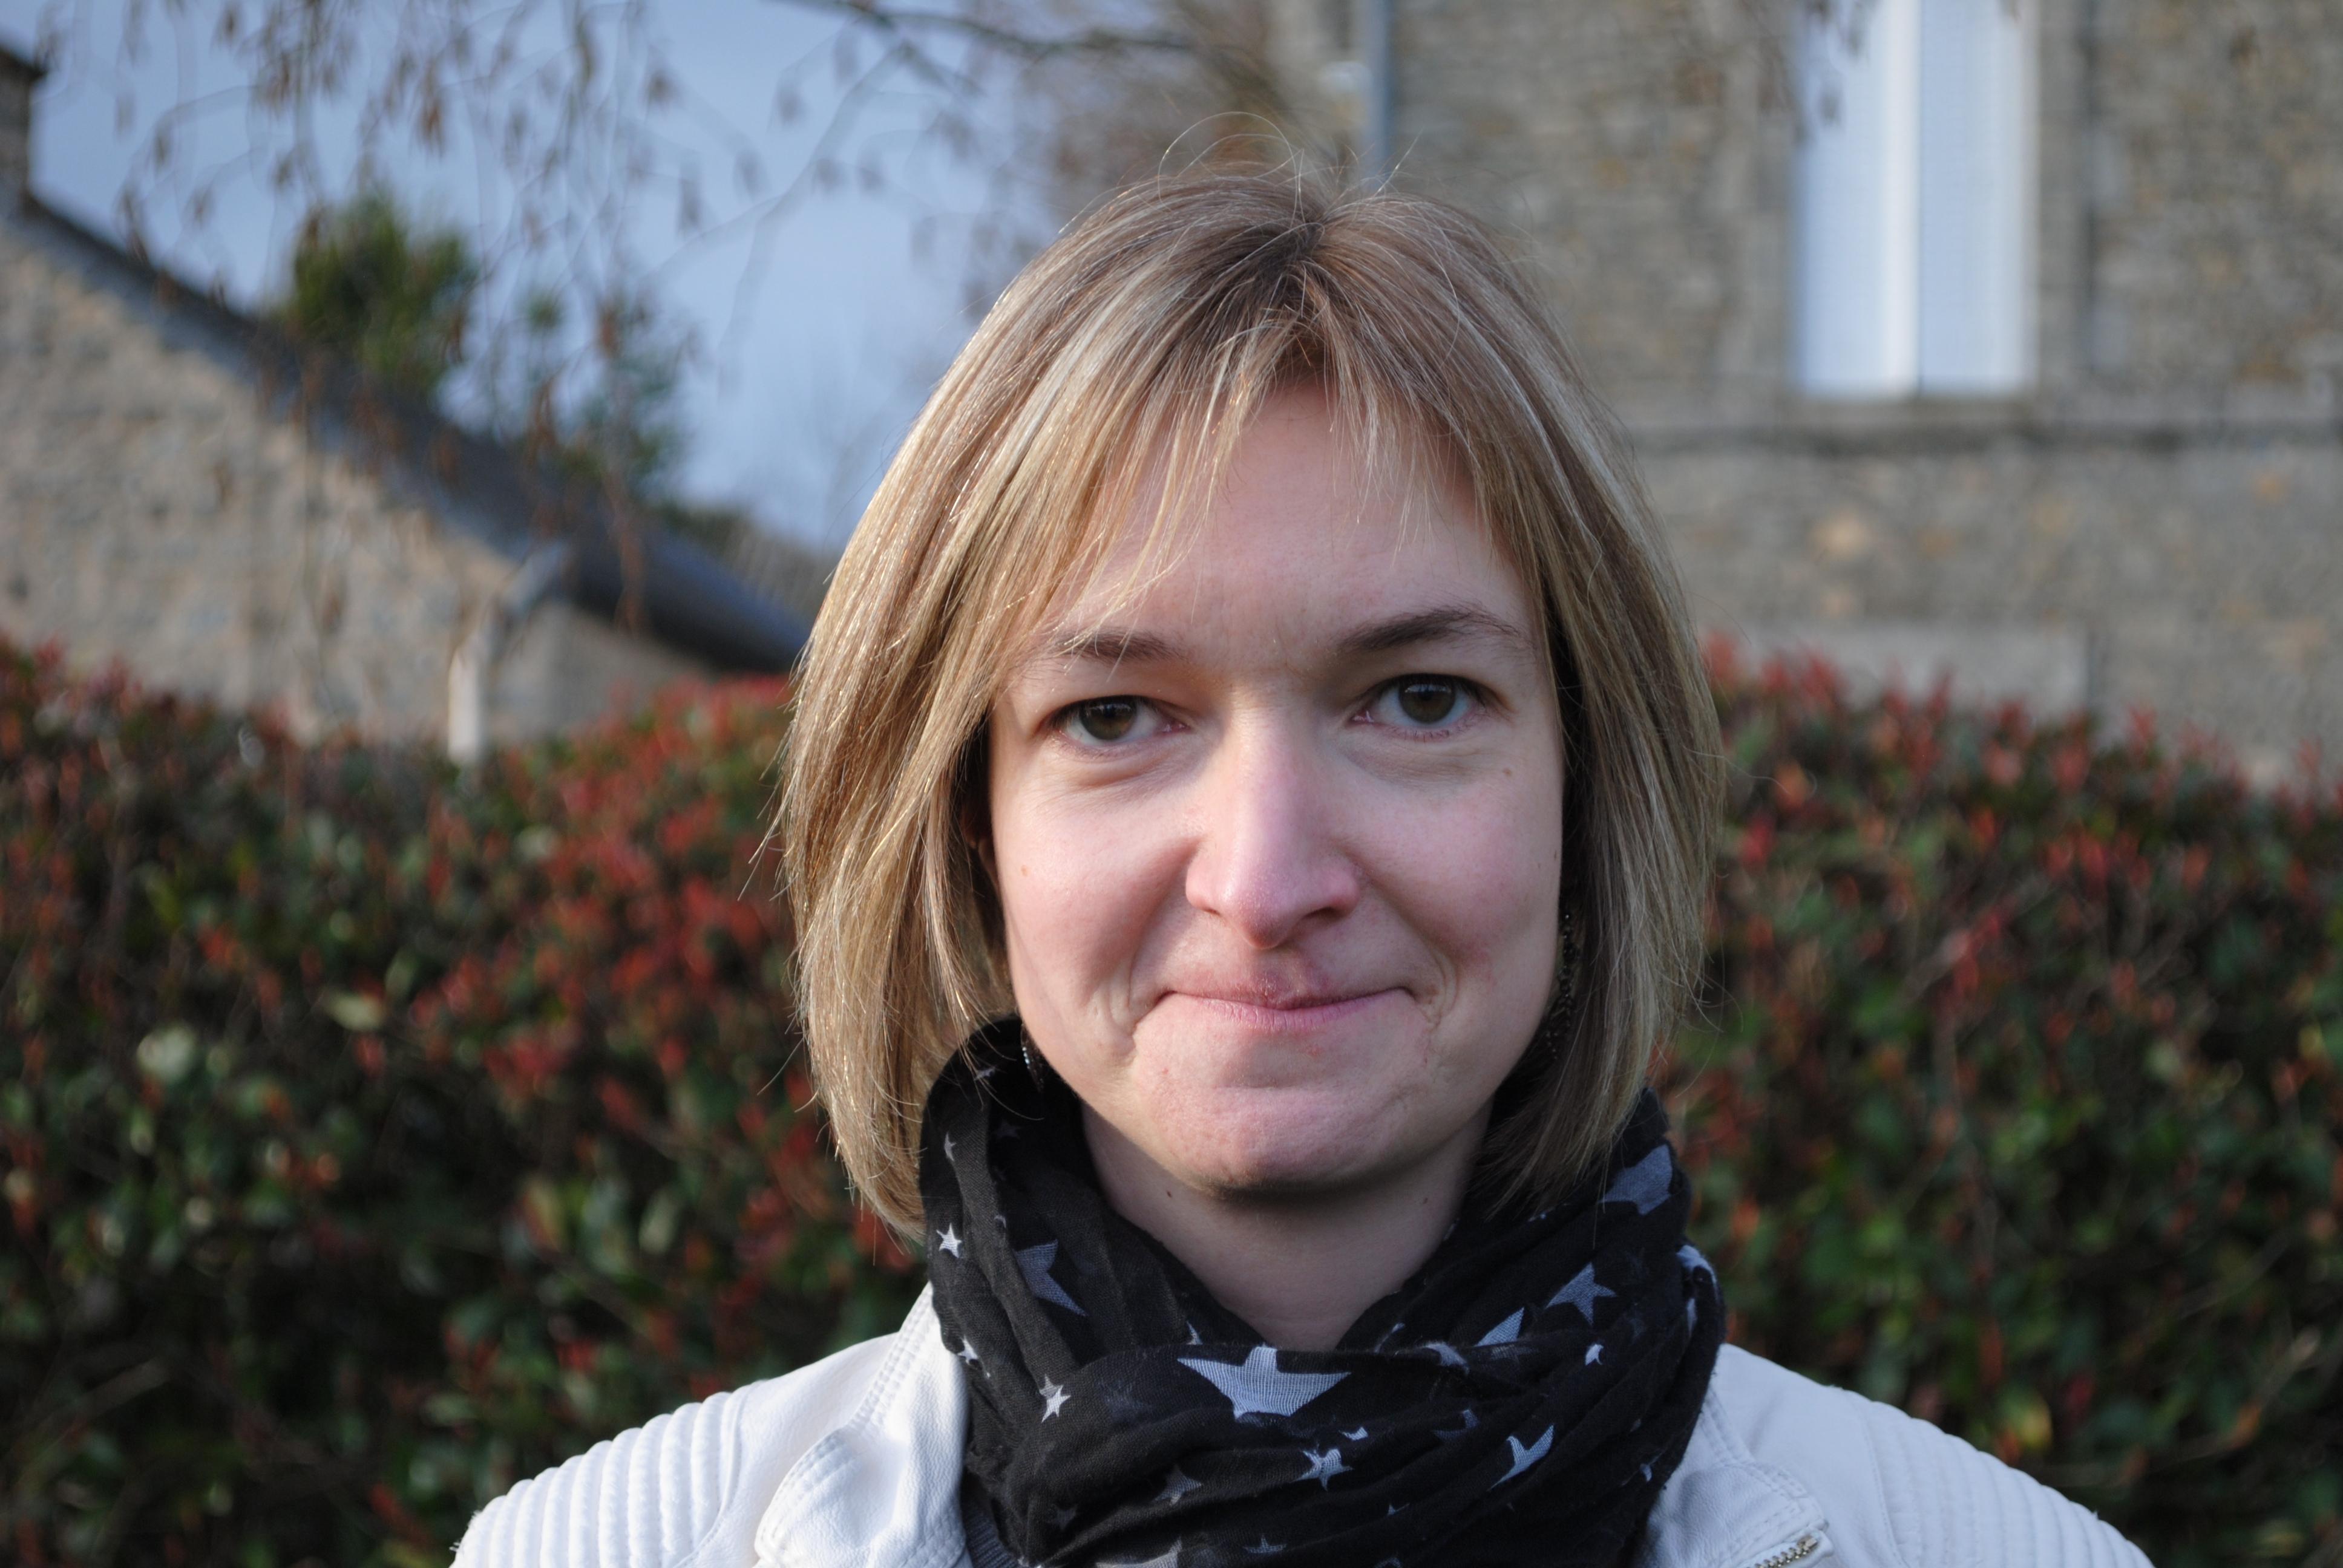 Jessica Le Gouevec